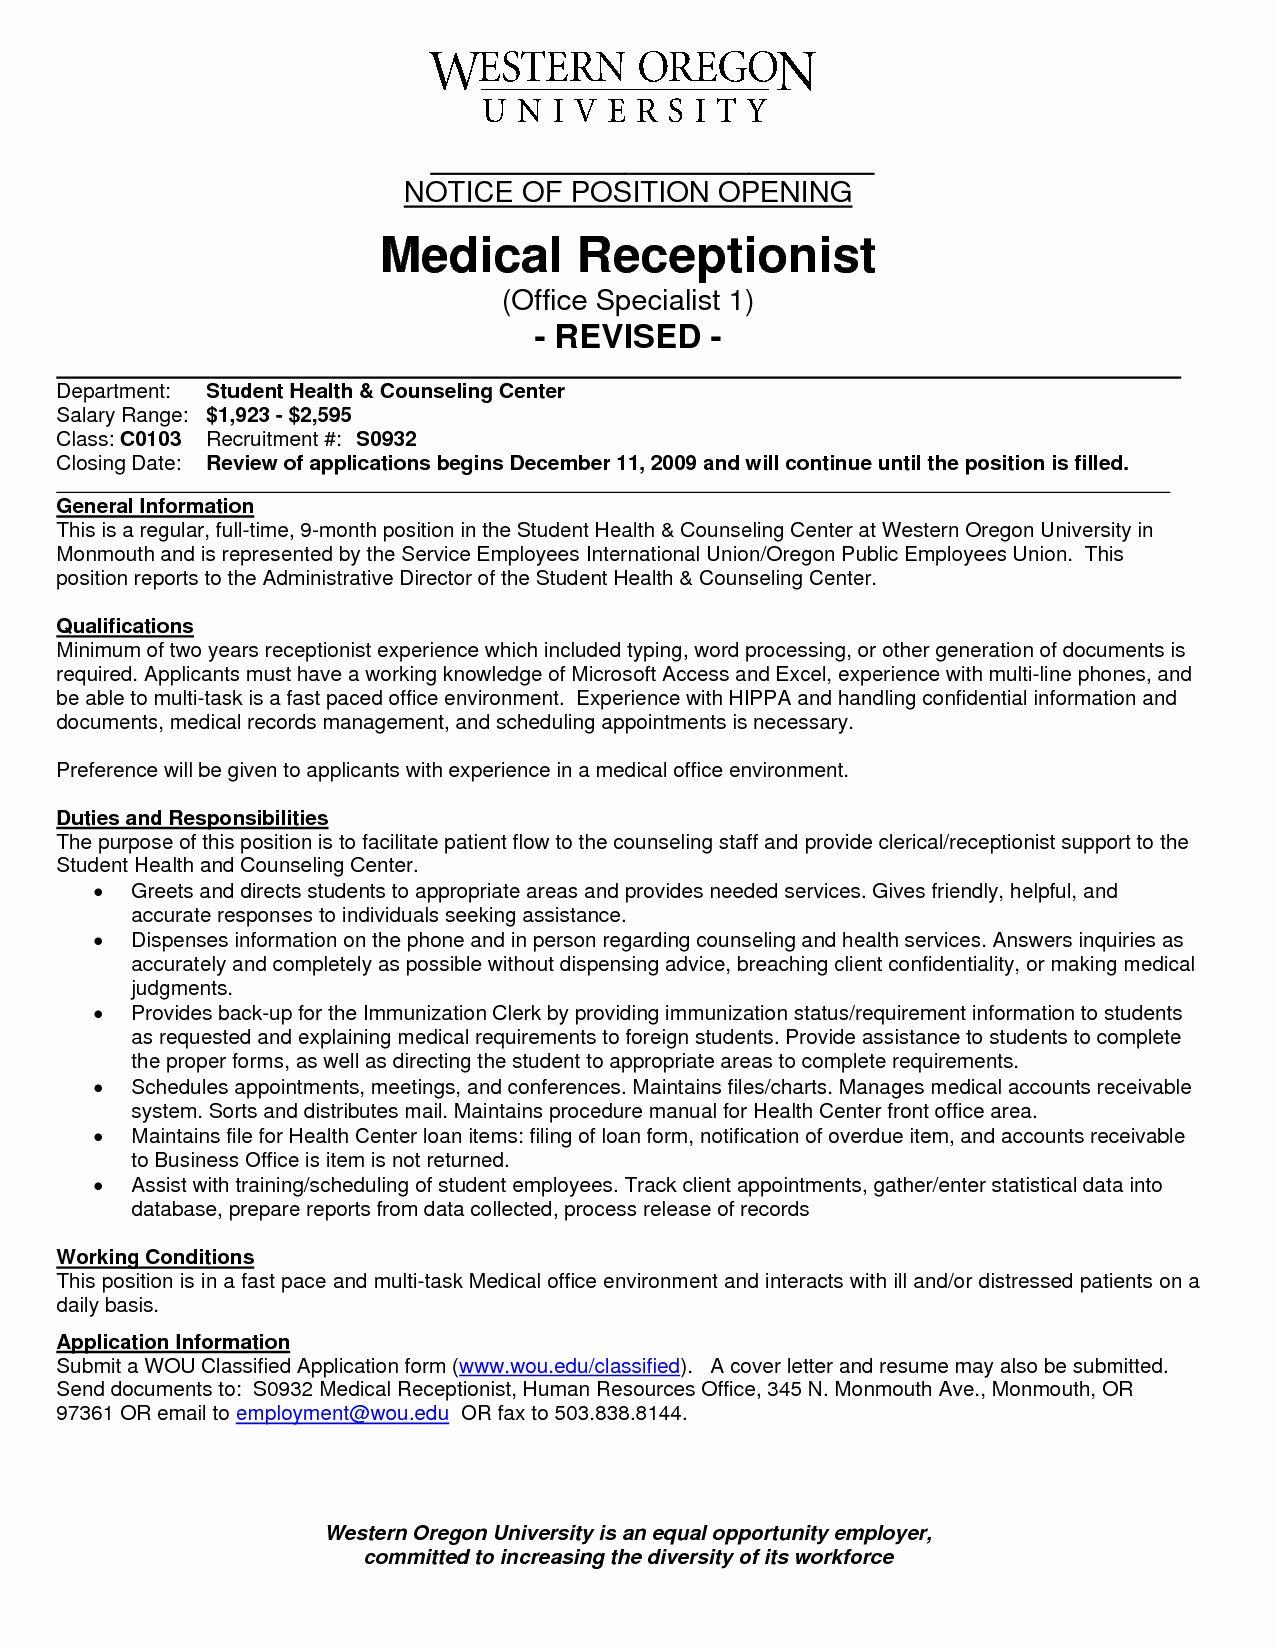 20 Front Desk Clerk Resume With Images Medical Receptionist